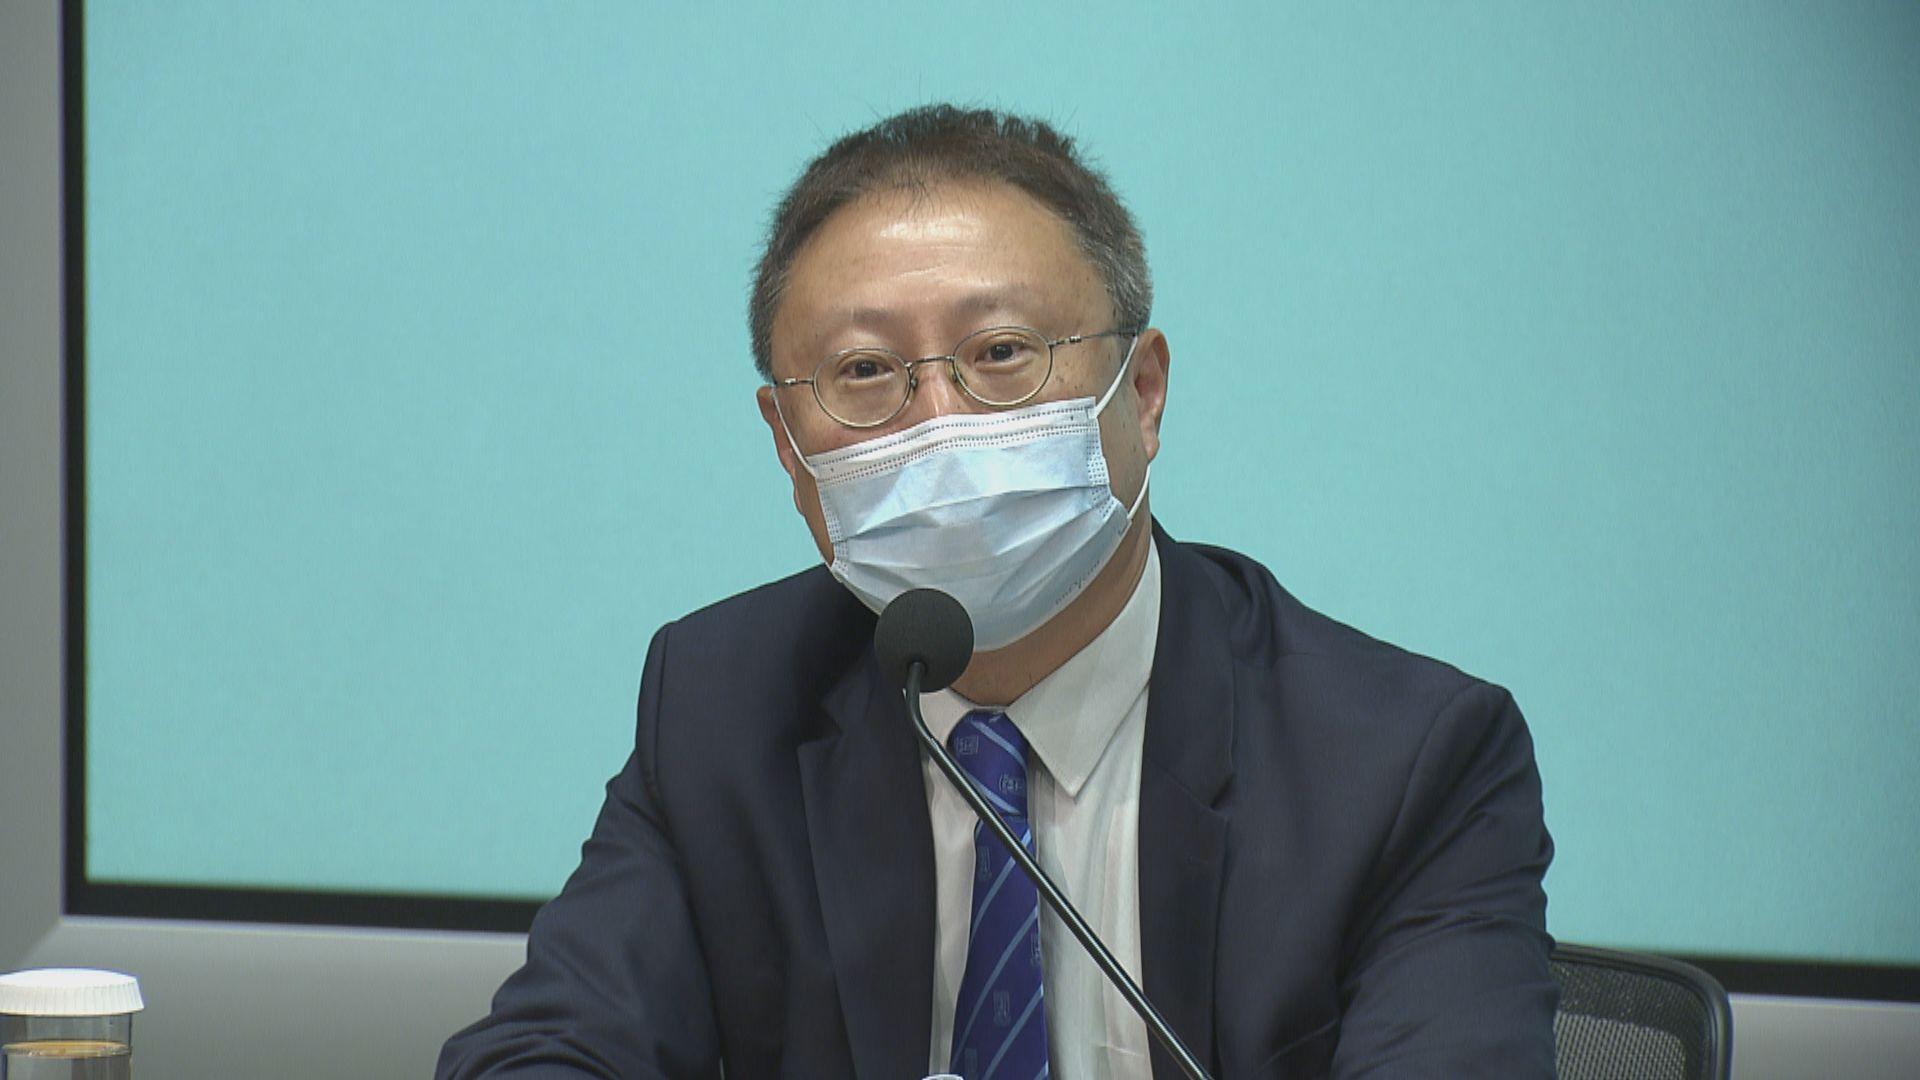 曾浩輝:接種疫苗與死亡聯想是一種錯覺